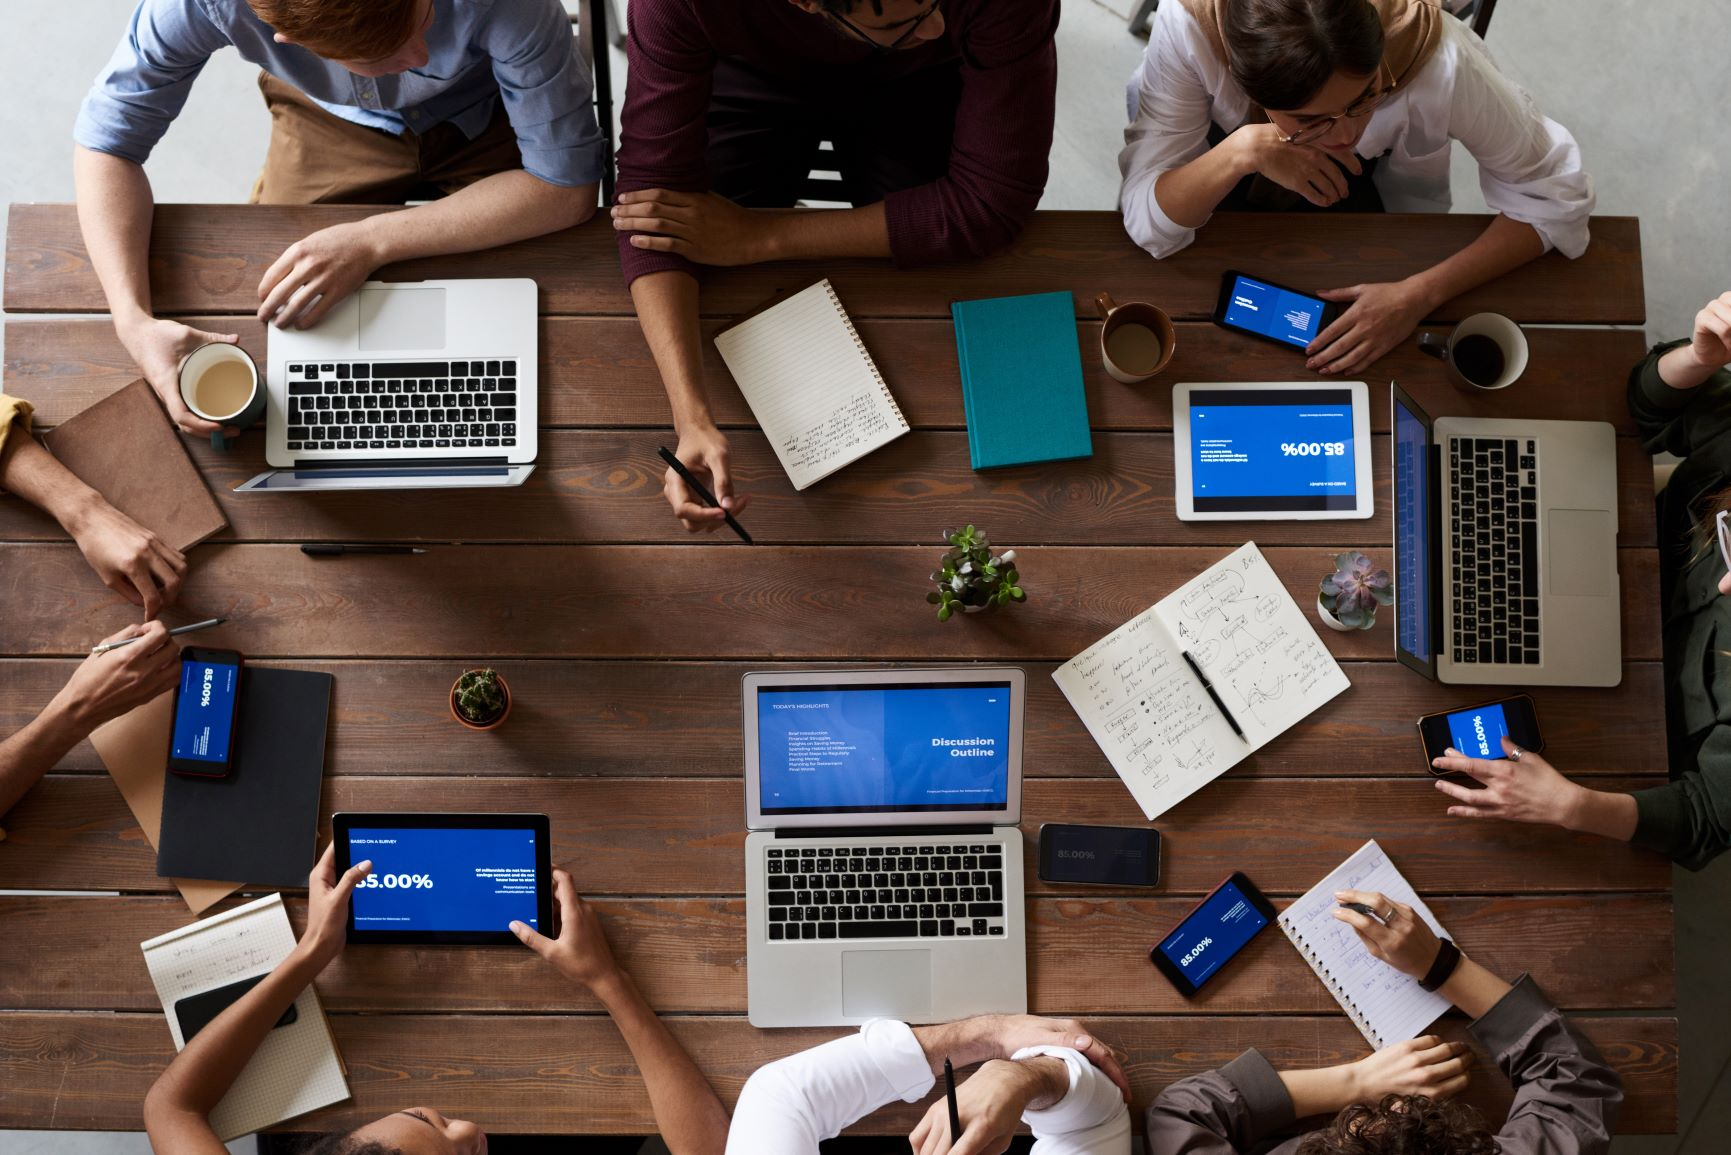 Zahlreiche Fachabteilungen sind bei der Entwicklung eines Digital Signage Systems involviert